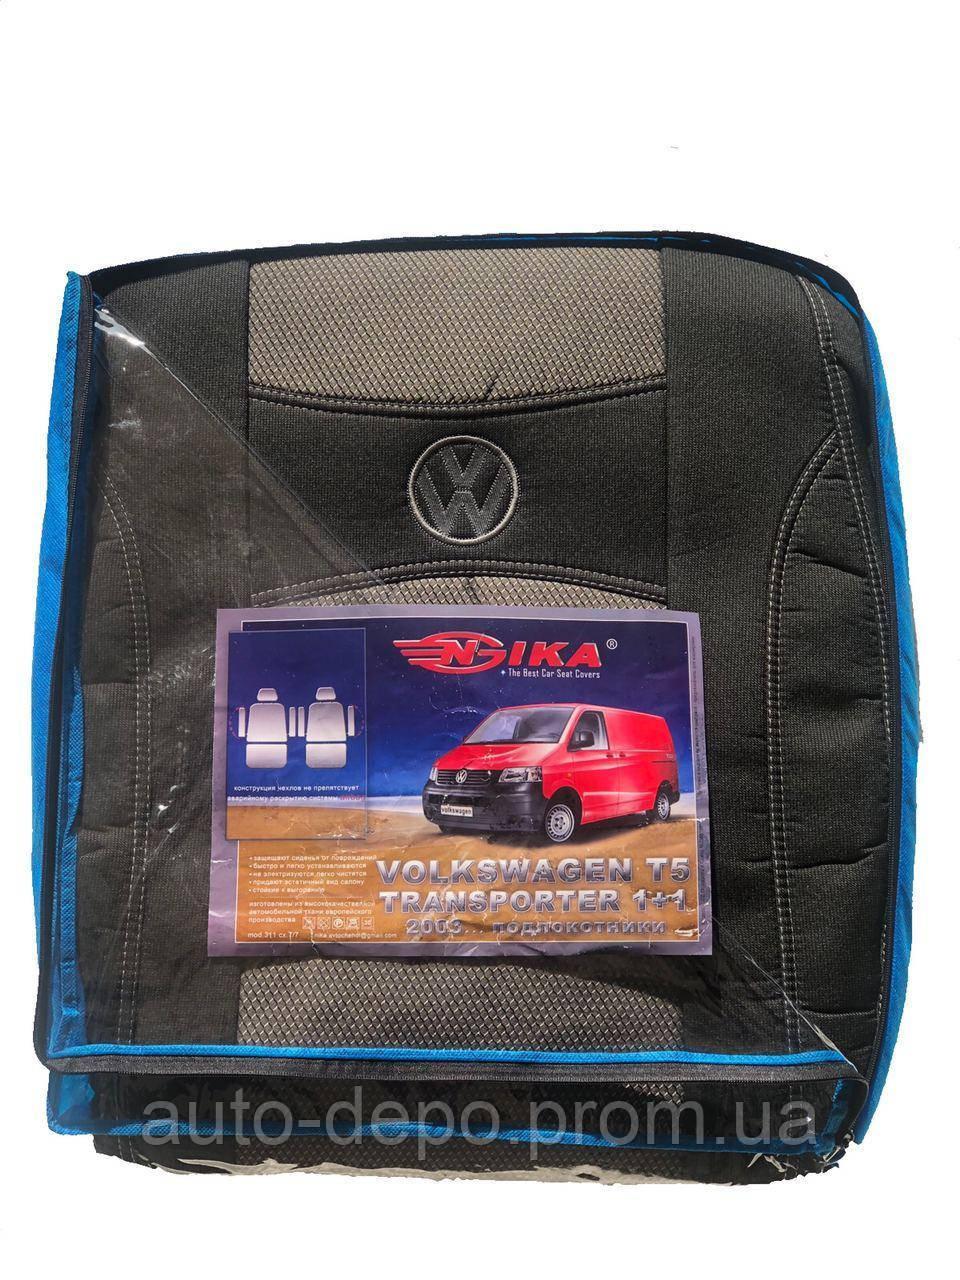 Чехлы Фольксваген Т5 Volkswagen T5 1+1 2003- (4 подлокотника) Nika